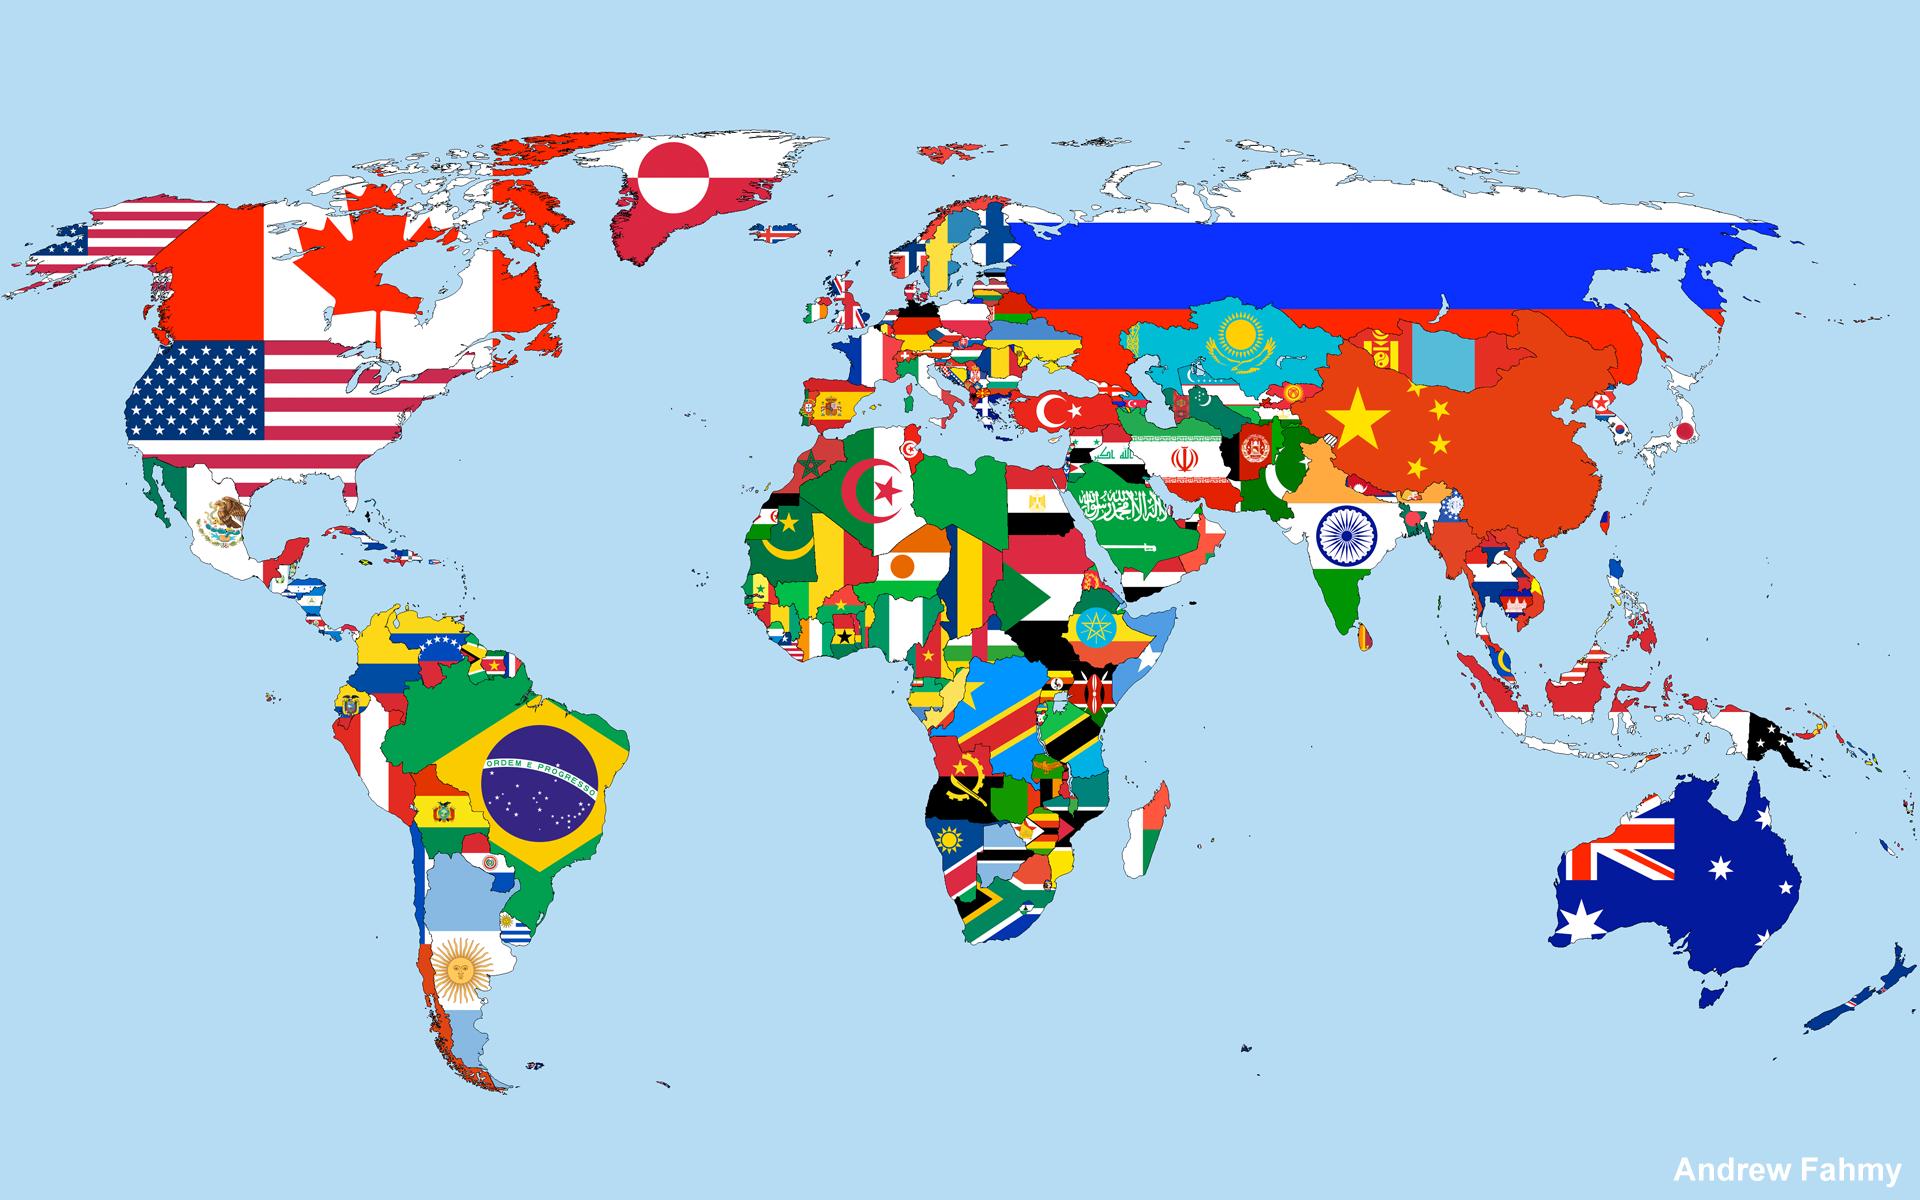 image-de-suisse-sur-la-carte-du-monde